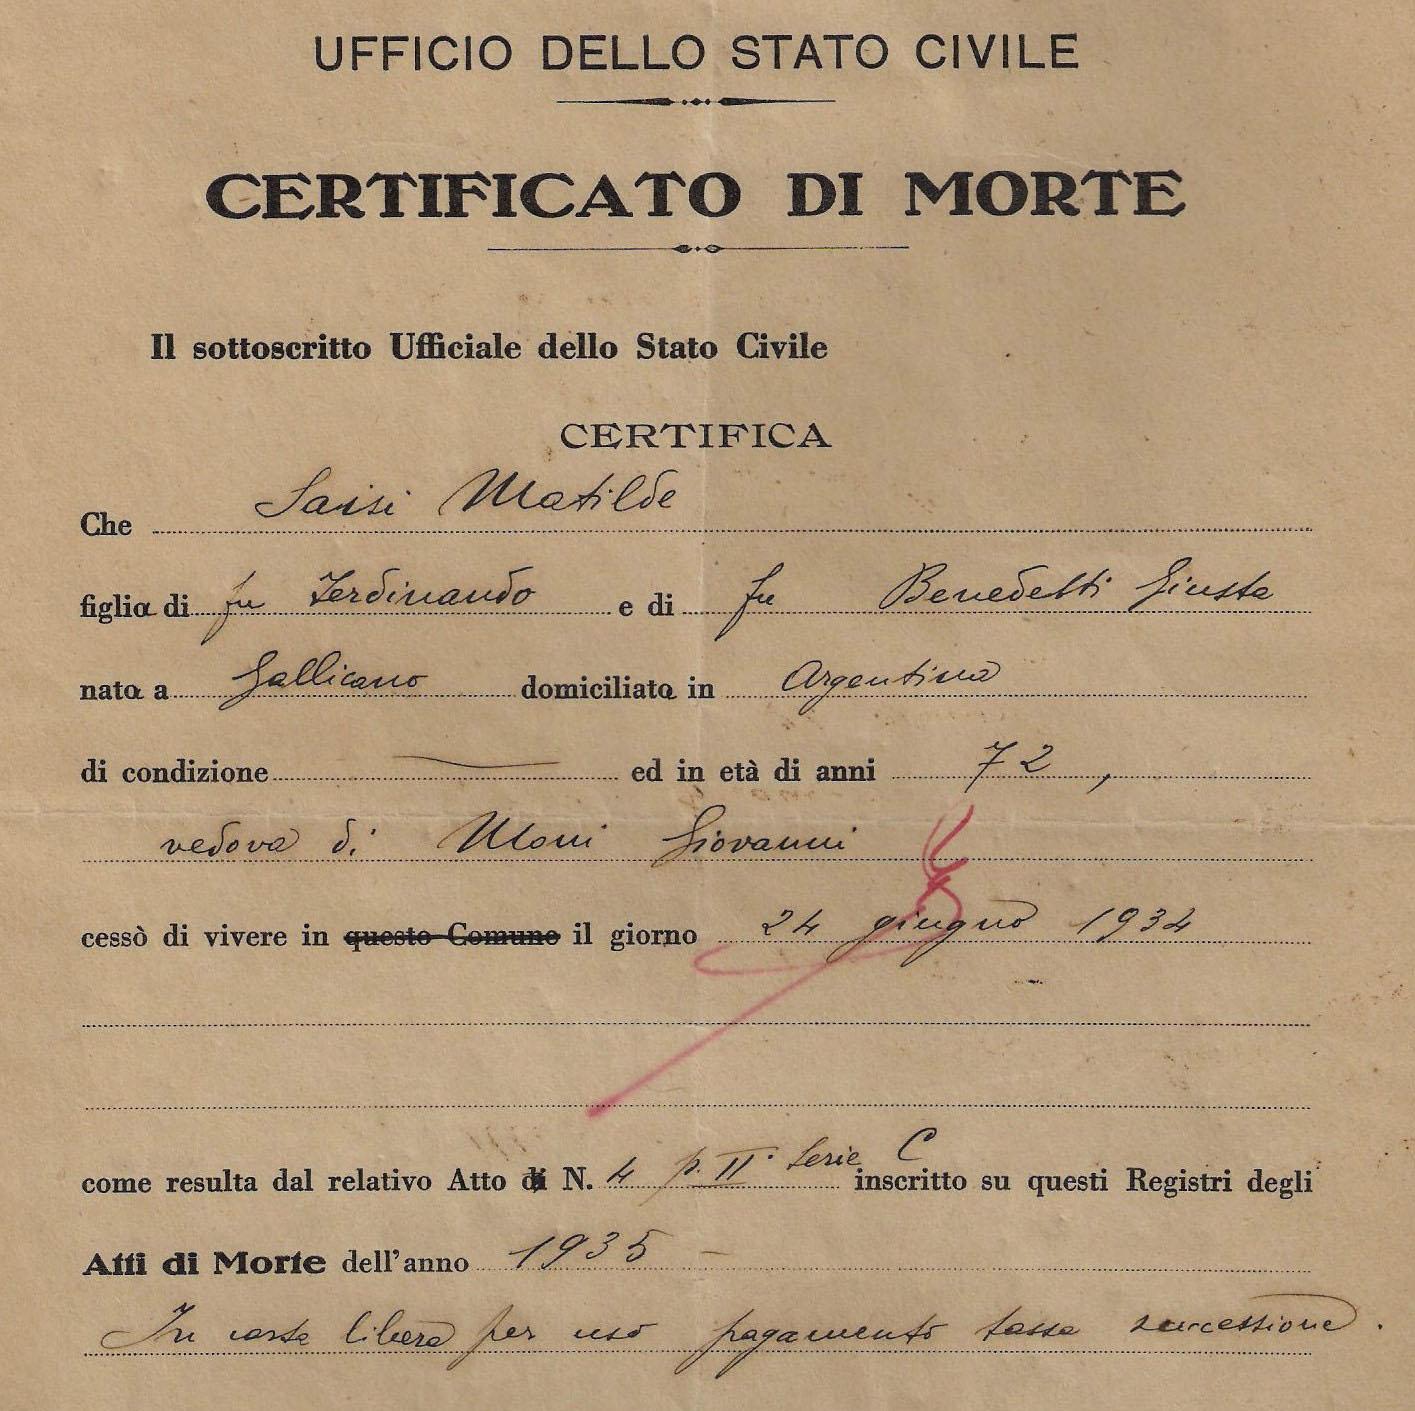 Certificato di morte, esenzione da bollo